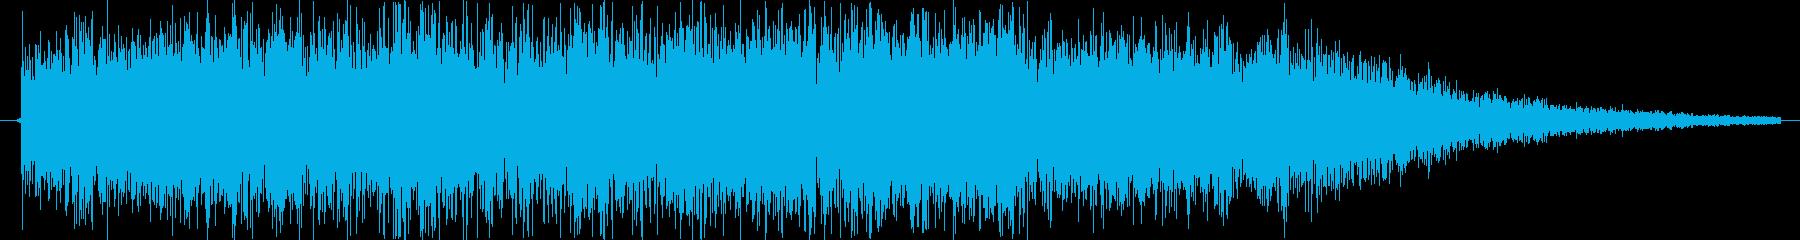 ガオー。の再生済みの波形